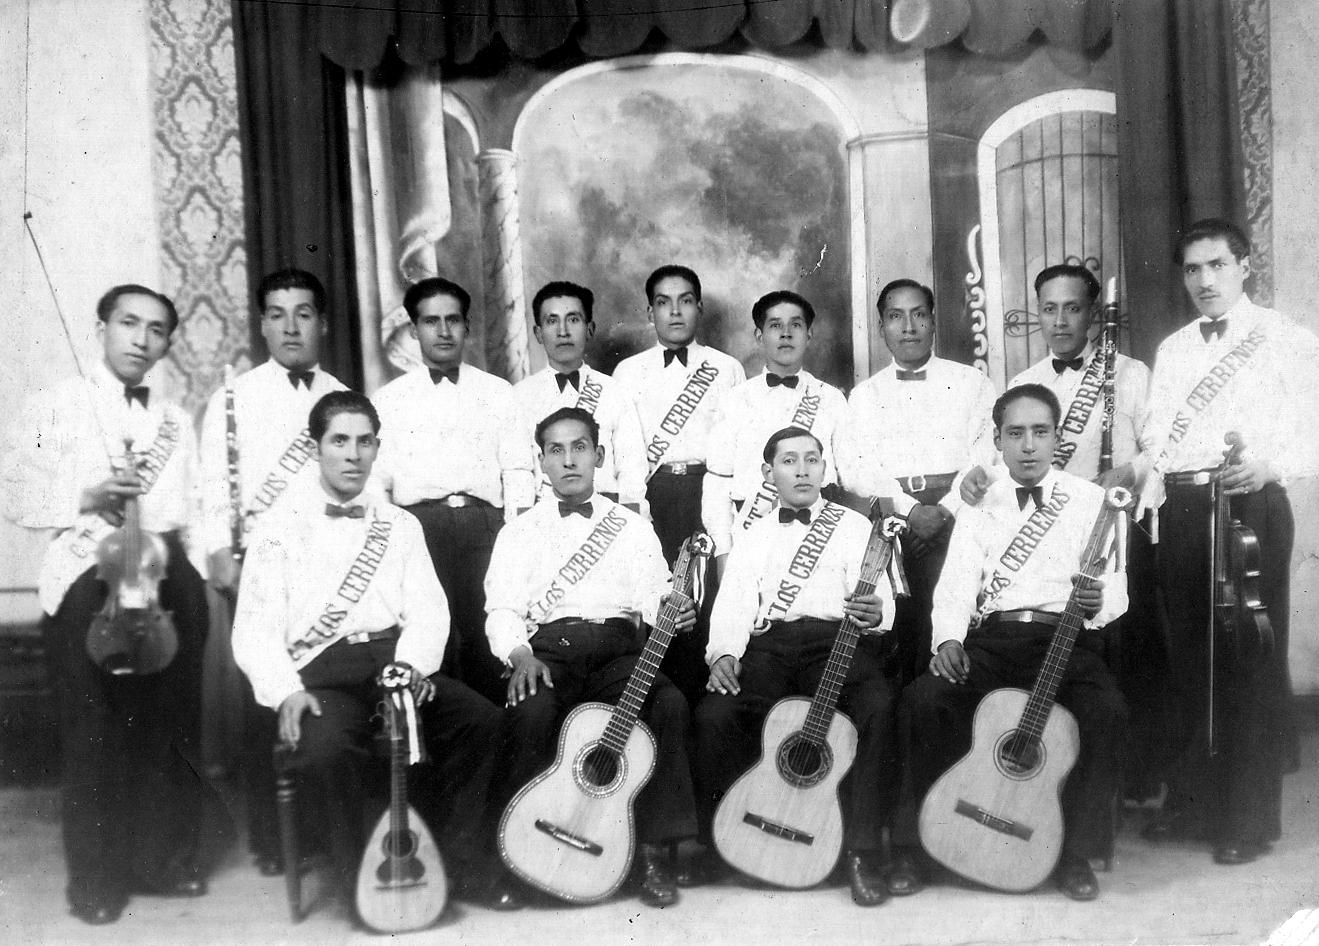 """Otro grupo triunfador. Esta vez el Conjunto Musical LOS CERREÑOS, triunfadores de la Segunda Feria Nacional (18 de enero de 1942) en Lima.(De pié de izquierda a derecha). Wilfredo Ramos, Emilio Quinto, Sixto Lavado, Máximo Morales, Micenio Cervantes, Severino Herrera, Ángel """"Chacha"""" Portillo, Absalón Paredes. (Sentados, de izquierda a derecha). Antonio Camarena, Lauro Robles, Teófilo Espejo, Jorge Moya."""